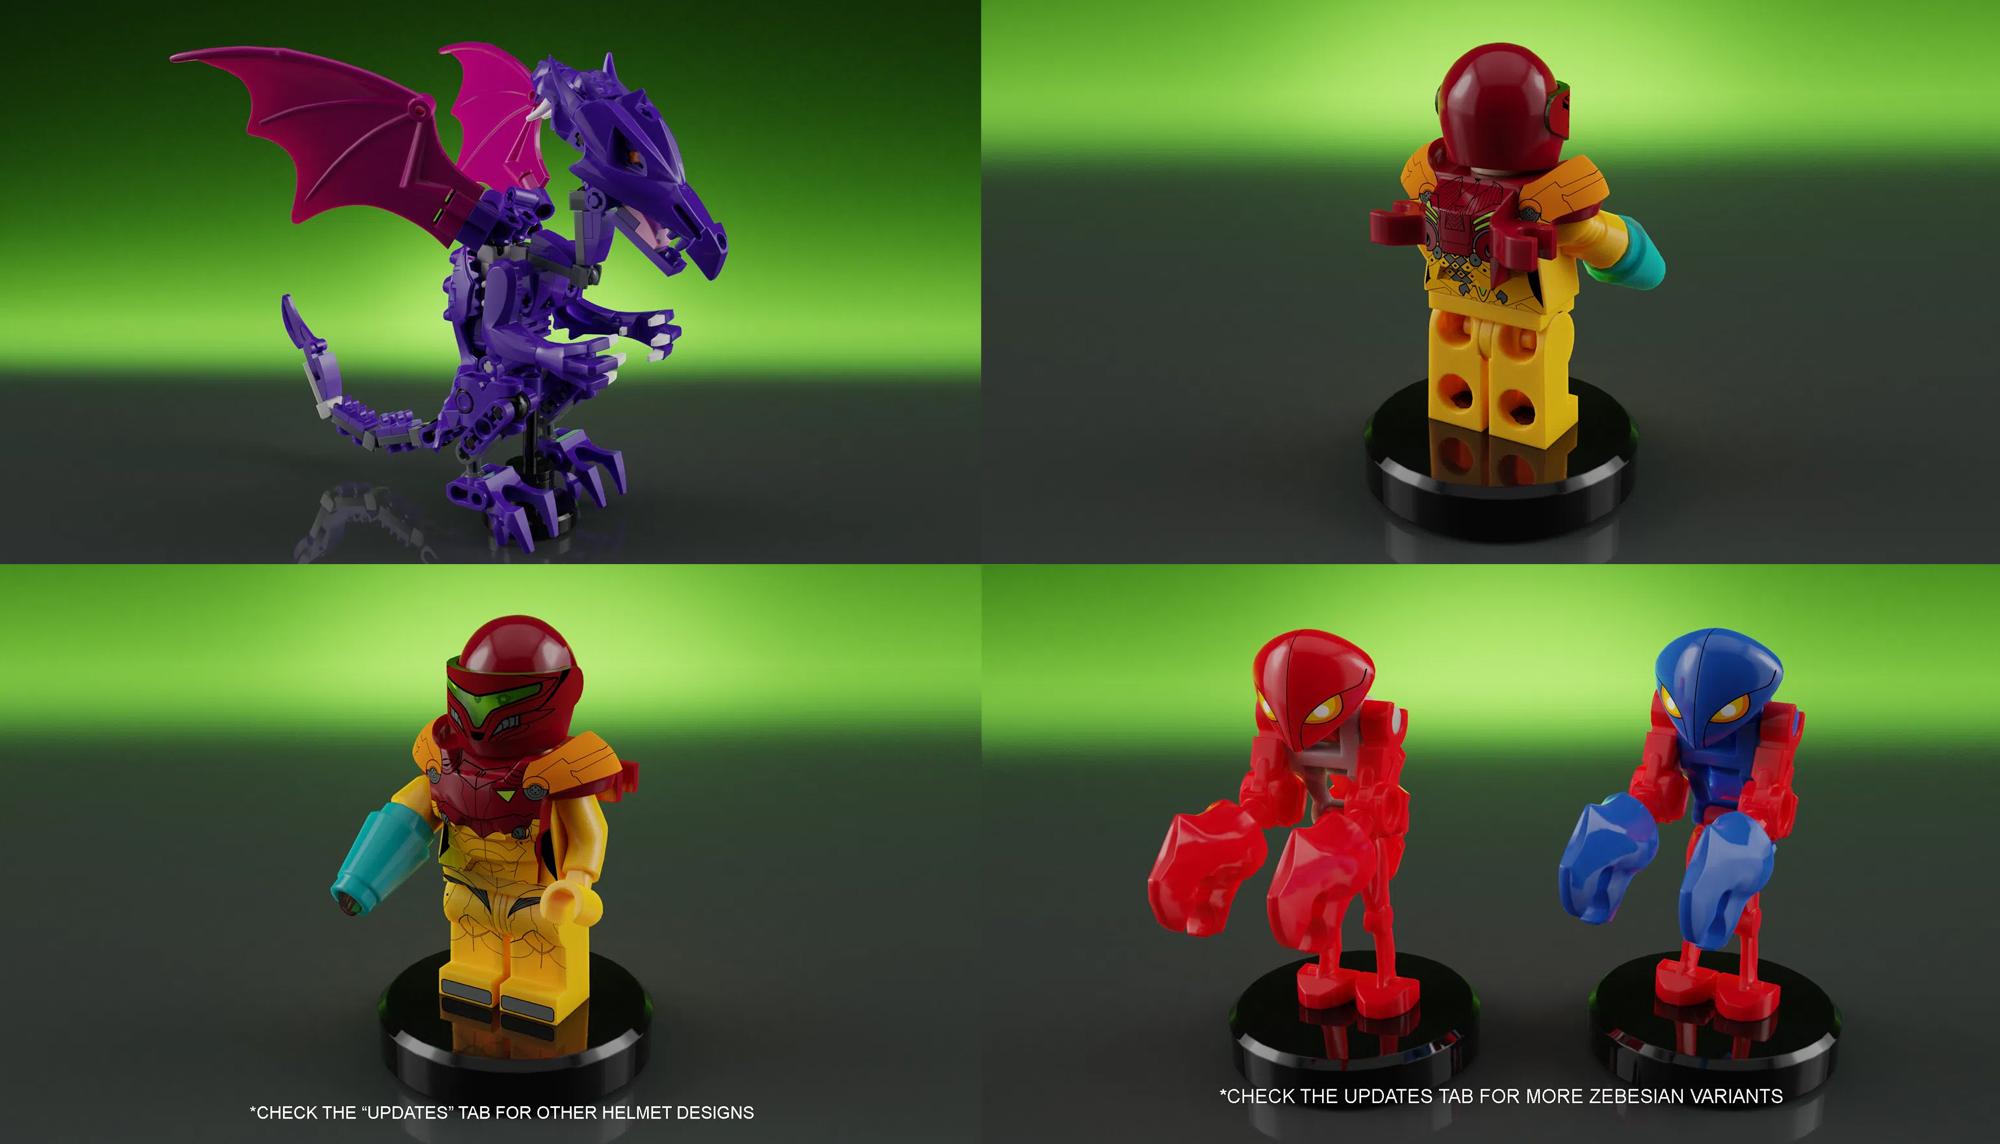 レゴアイデアで『メトロイド:サムス・アランのスターシップ』が製品化レビュー進出!2021年第1回1万サポート獲得デザイン紹介